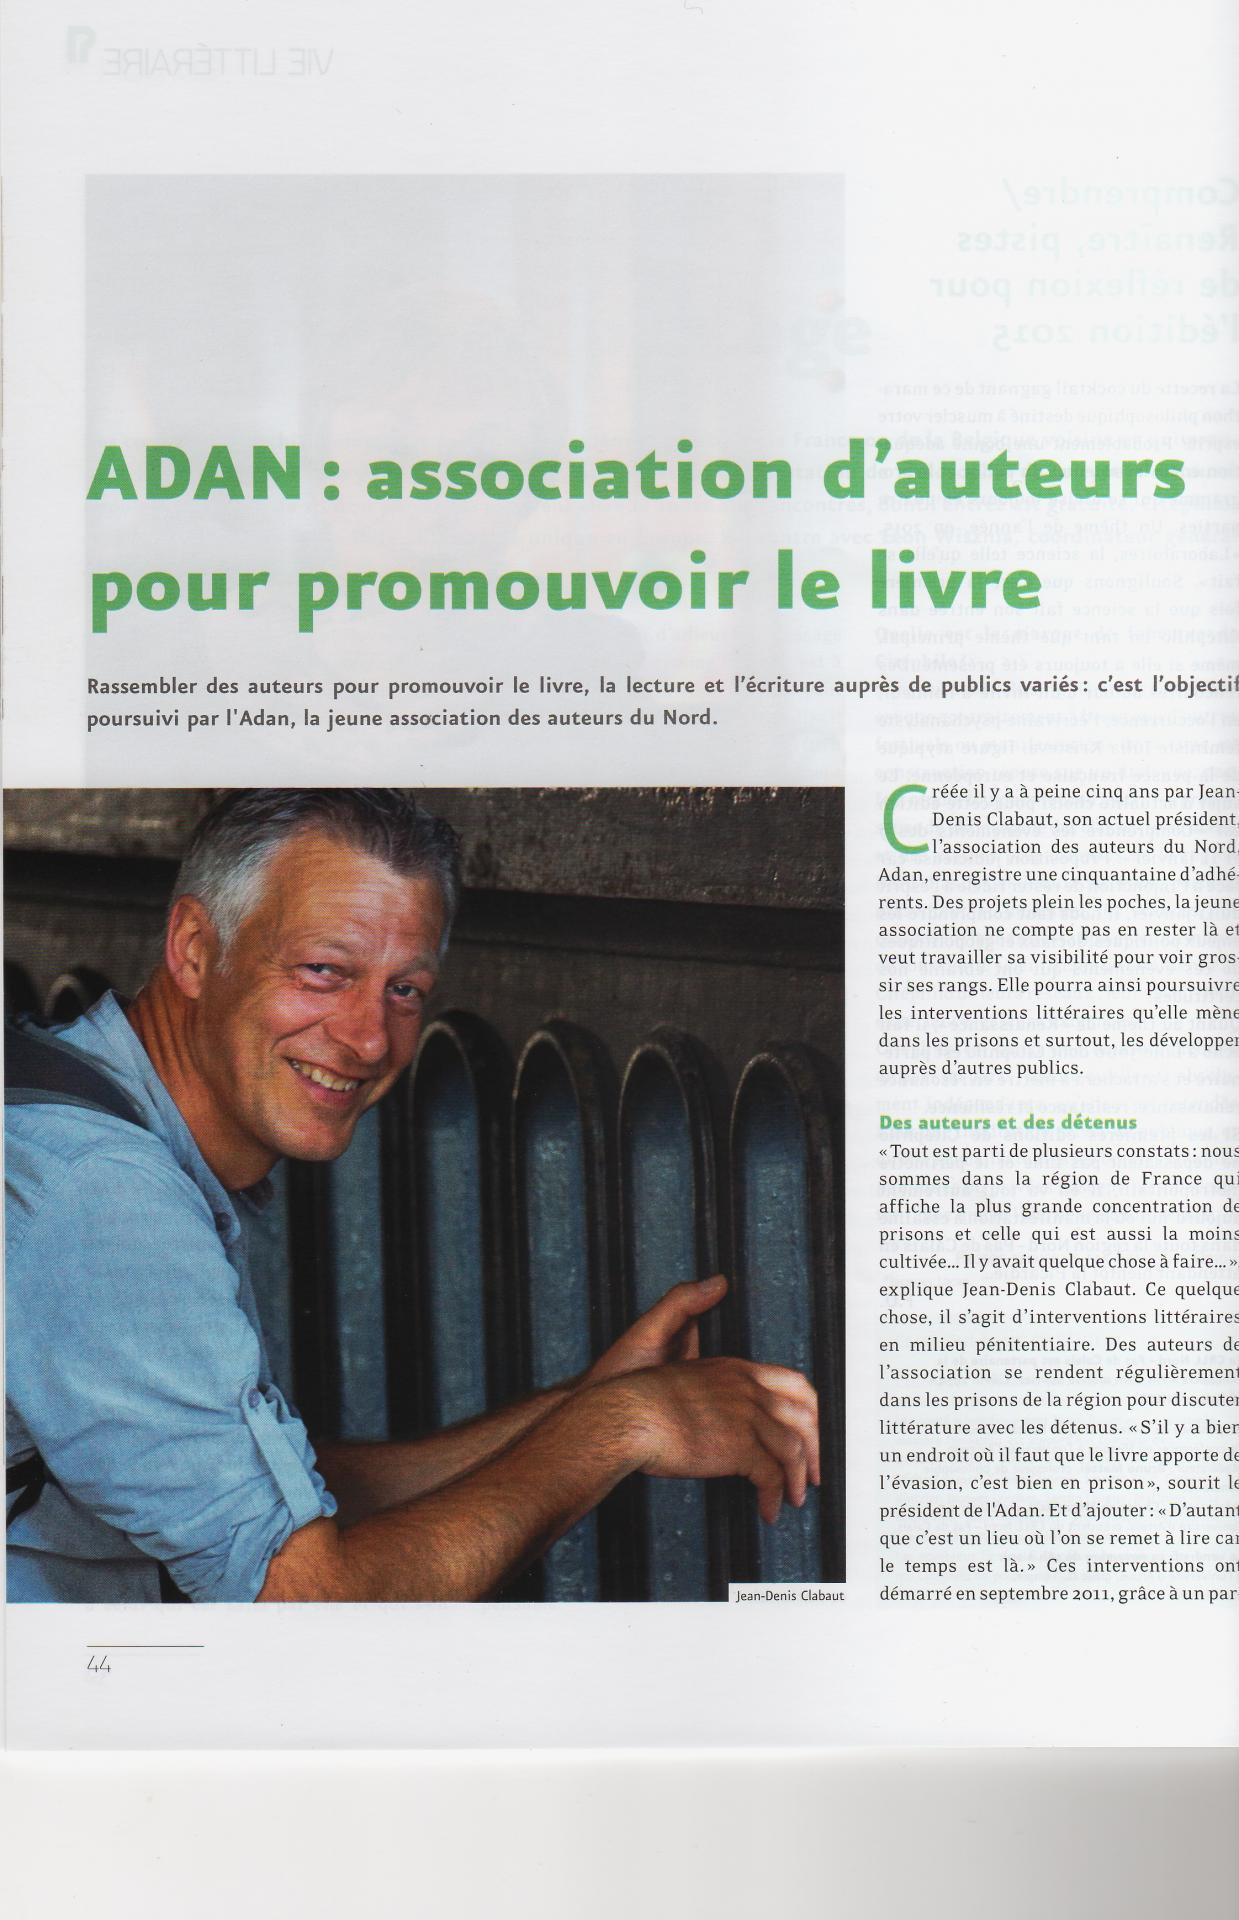 Adan1